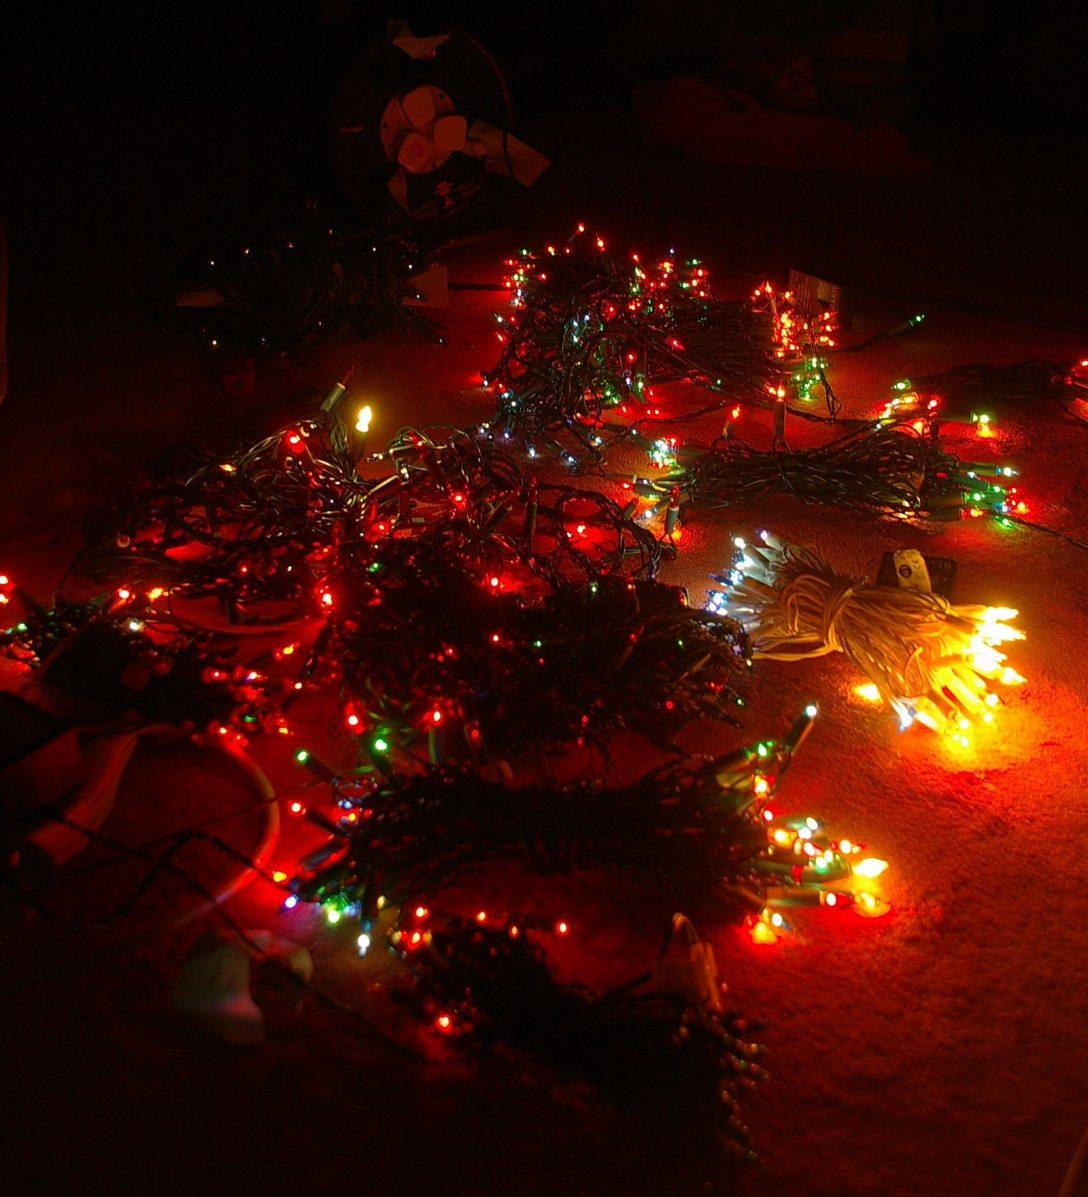 Large Size of Weihnachtsbeleuchtung Fenster Amazon Batterie Innen Figuren Hornbach Mit Kabel Led Fr Ein Funkelndes Weihnachtsfest Einbruchschutz Folie Fliegennetz Schüco Fenster Weihnachtsbeleuchtung Fenster